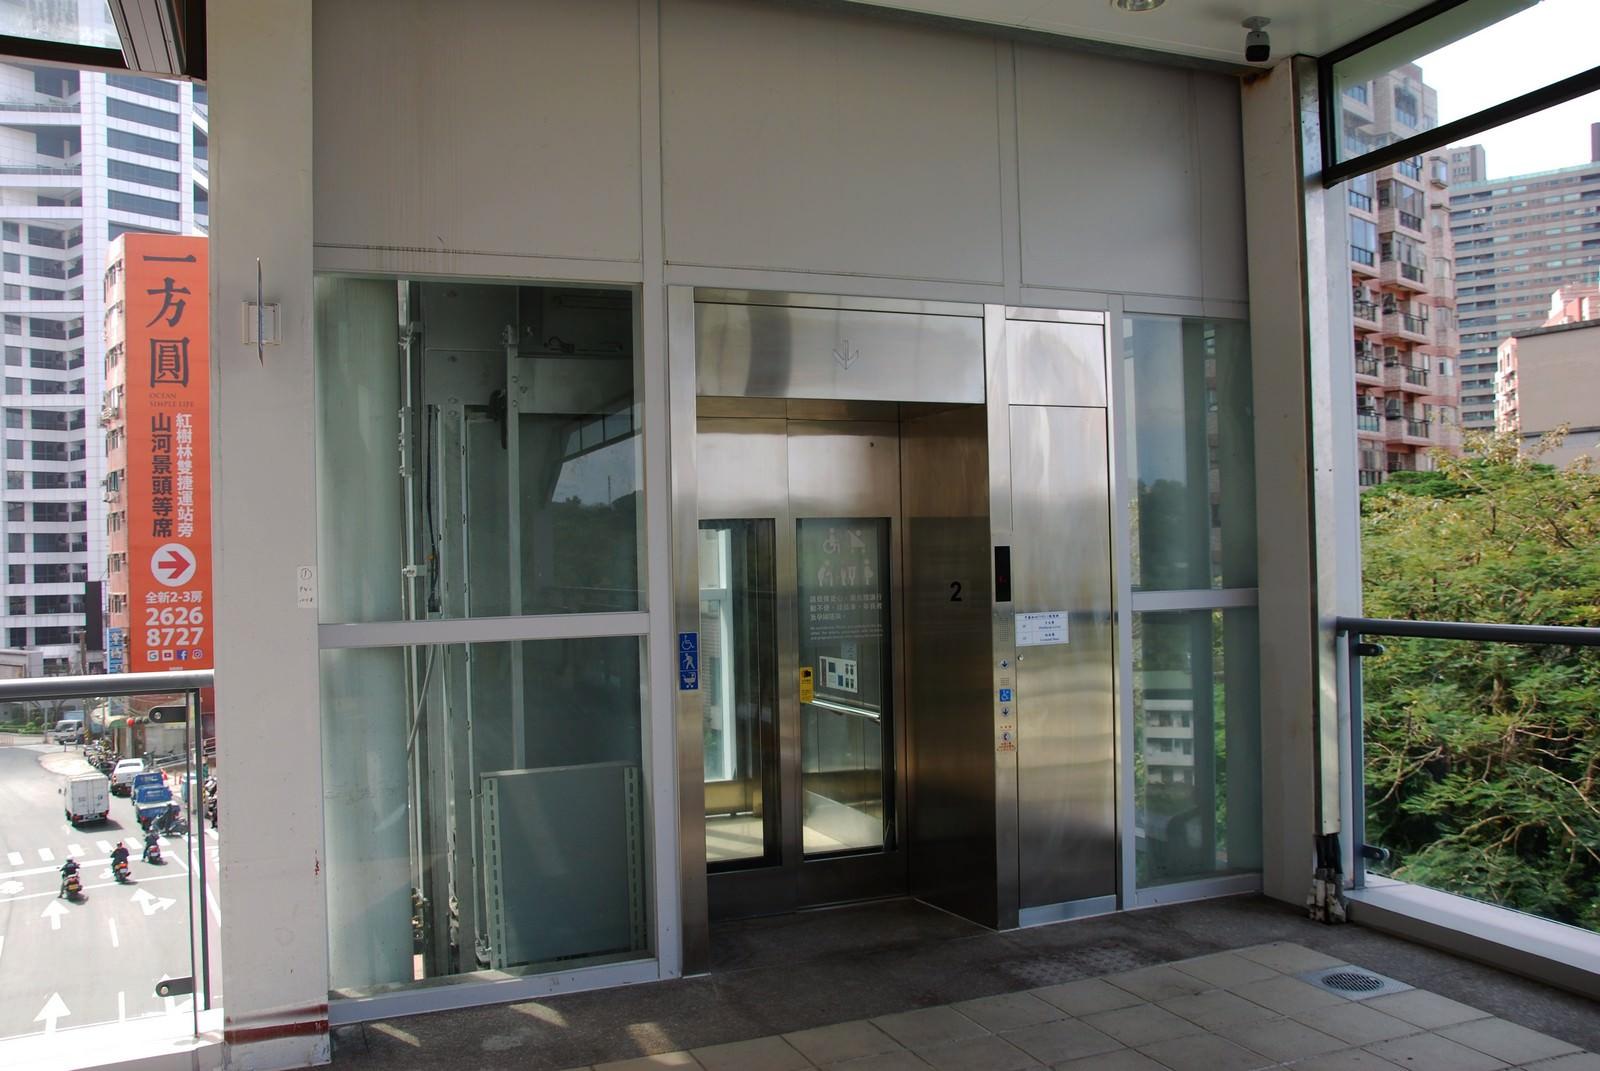 淡海輕軌綠山線, 輕軌竿蓁林站, 電梯